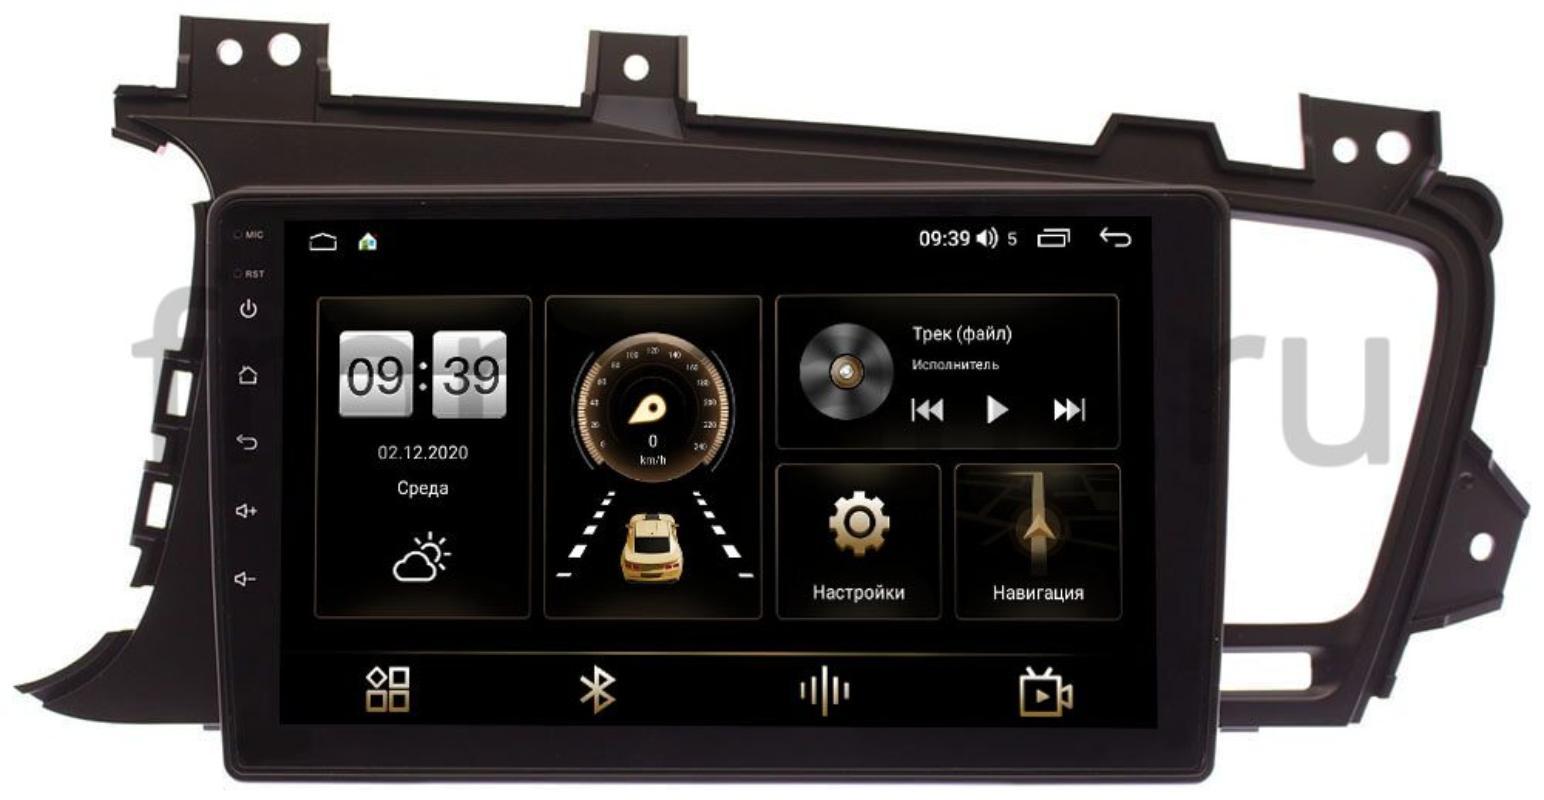 Штатная магнитола LeTrun 4196-9015 для Kia Optima III 2010-2013 на Android 10 (6/128, DSP, QLed) С оптическим выходом для авто без камеры (+ Камера заднего вида в подарок!)